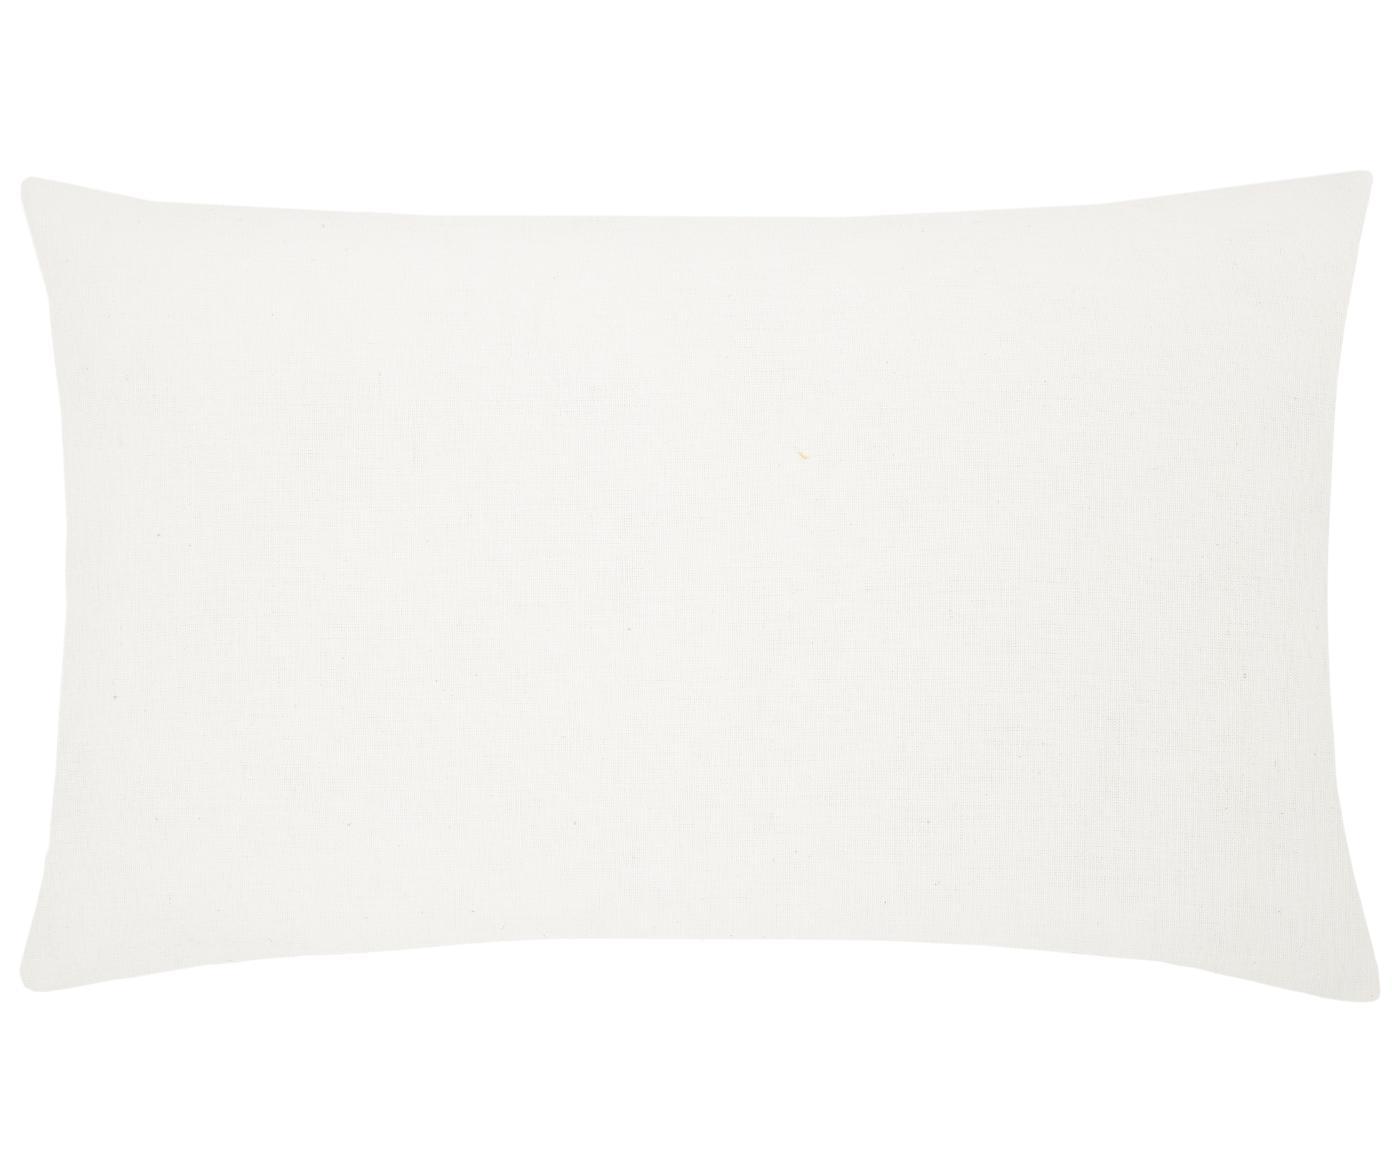 Haftowana  poszewka na poduszkę Tabula, Bawełna, Kremowobiały, wielobarwny, S 30 x D 50 cm